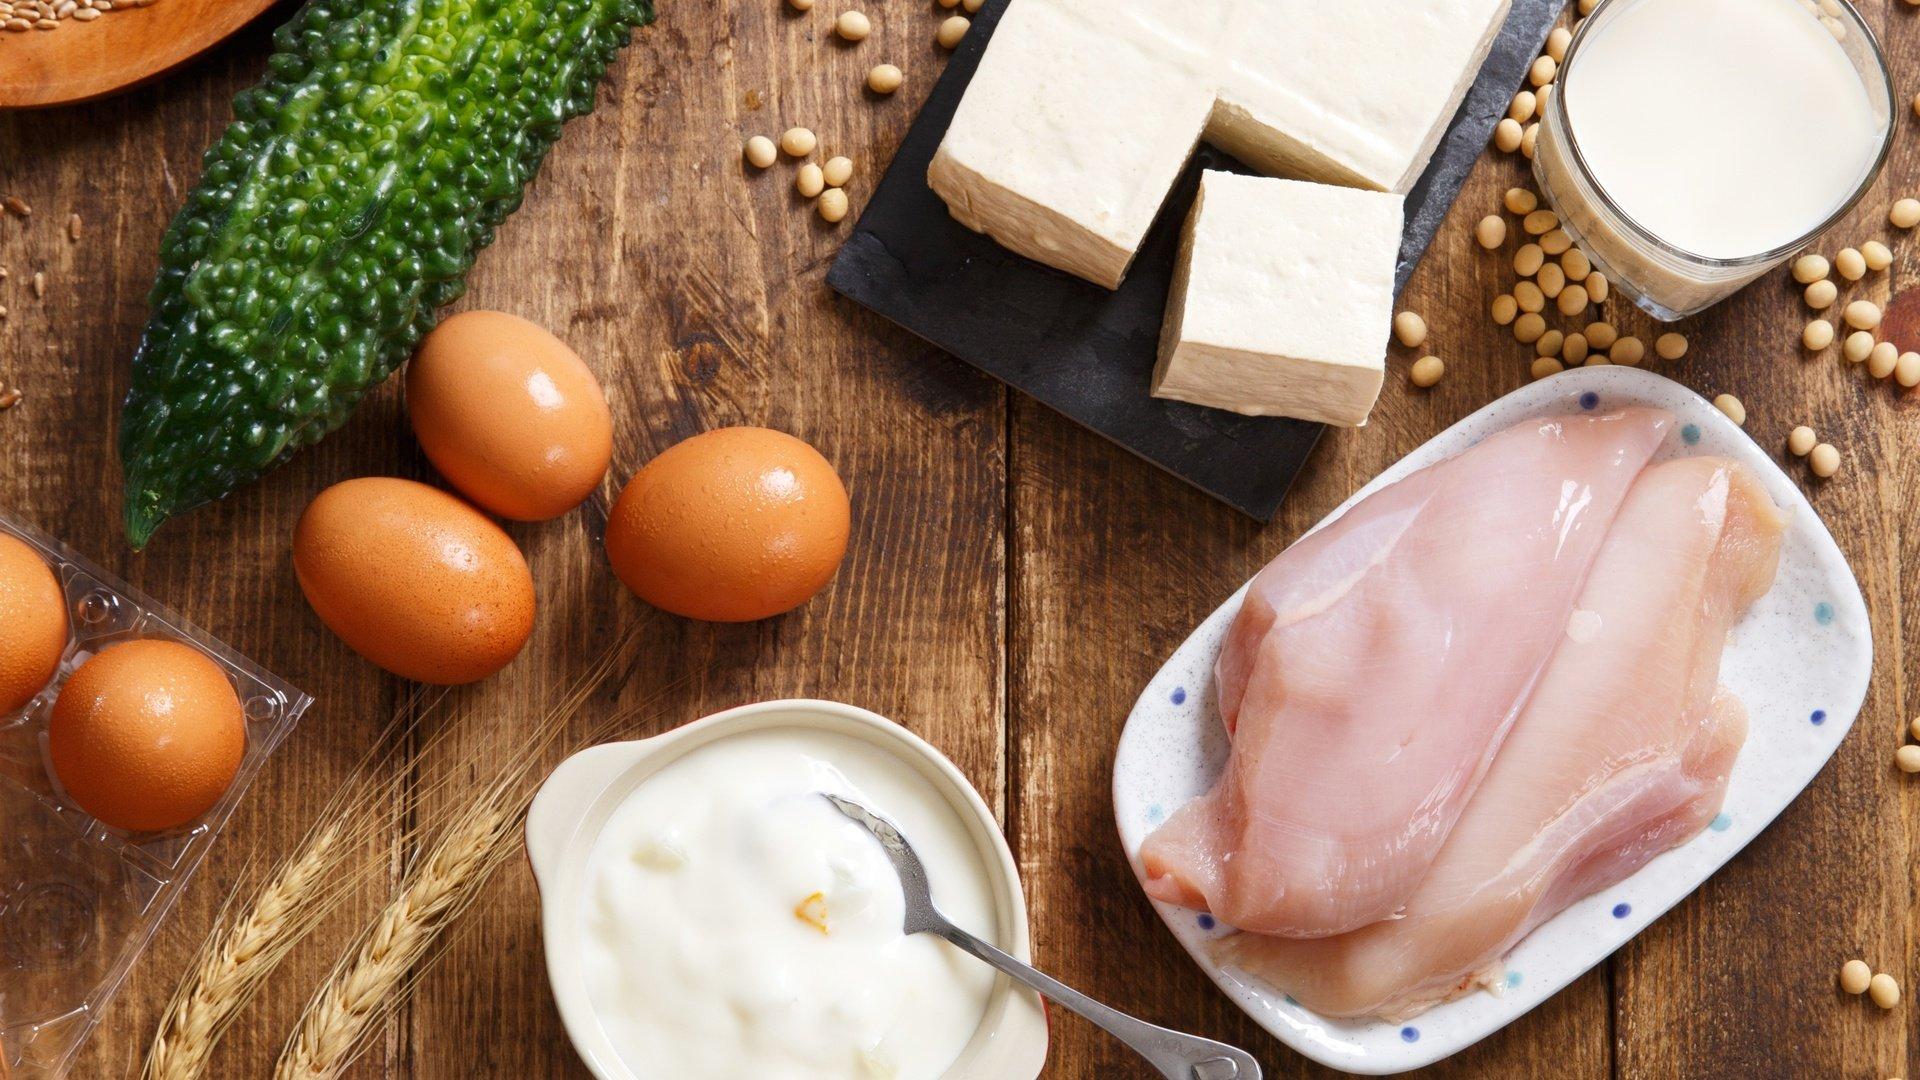 Диеты Мясо Молочные. Мясная диета для быстрого похудения